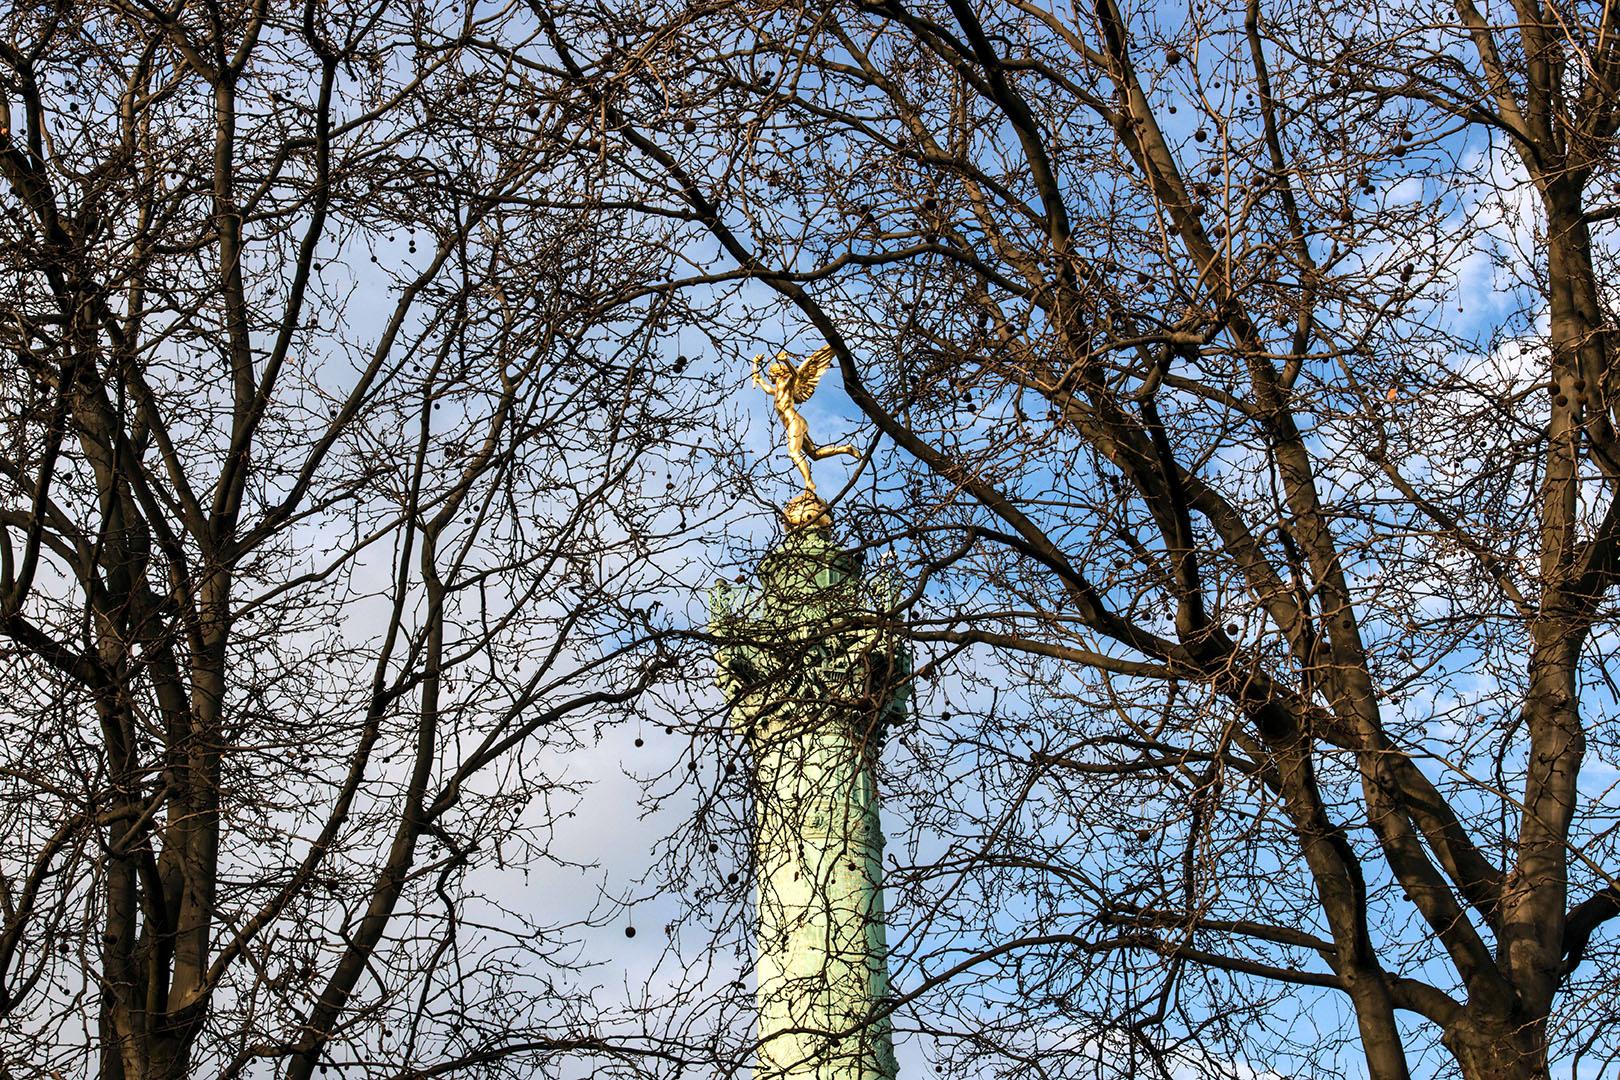 Nu au sommet de la colonne, le Génie de la Bastille, symbole de la Liberté, marche au milieu des arbres.